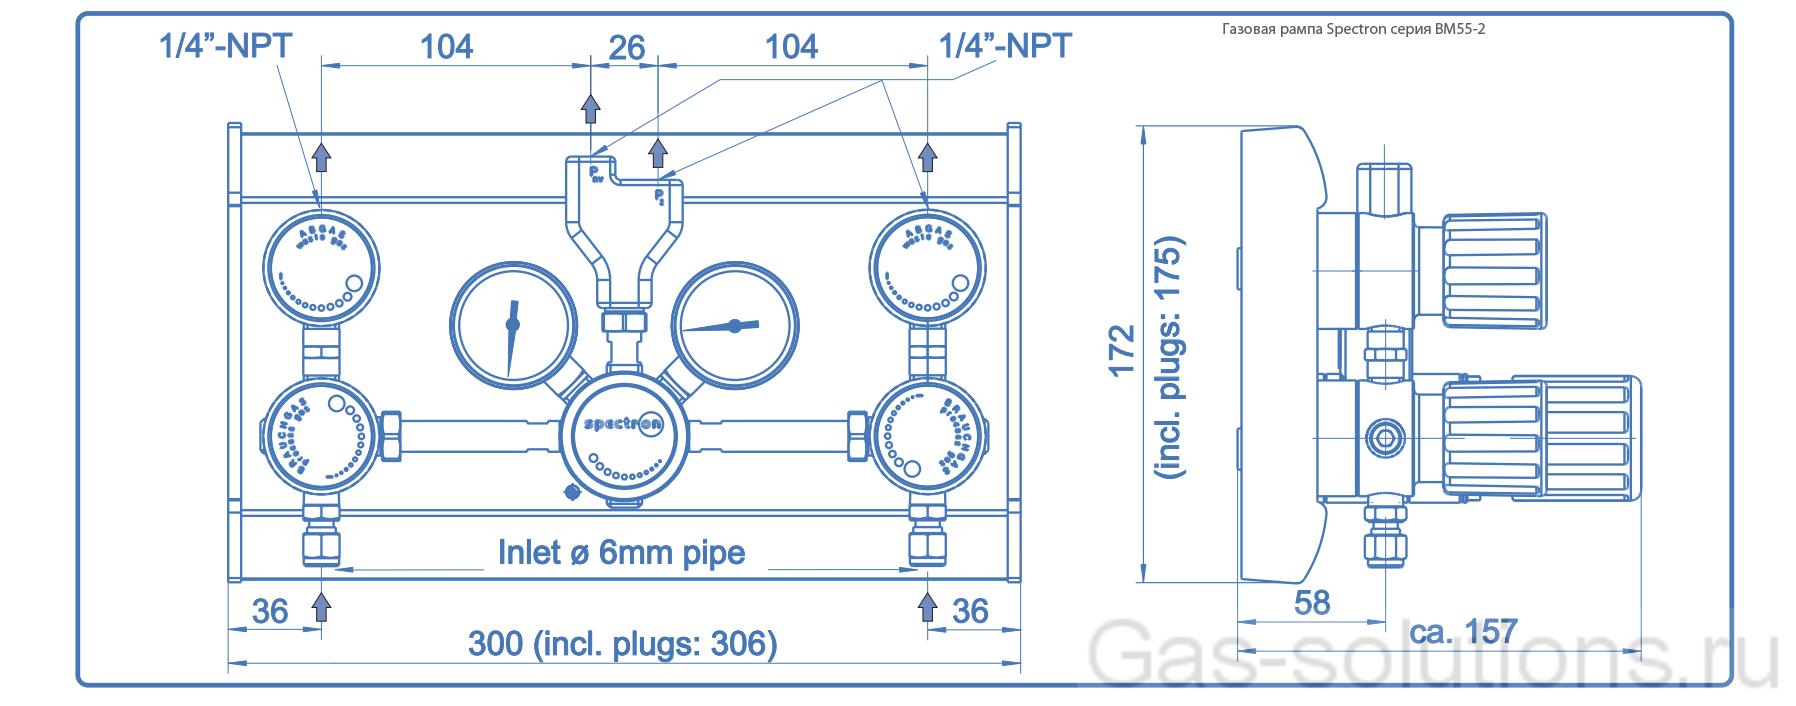 Газовая рампа Spectron серия BM55-2_чертеж